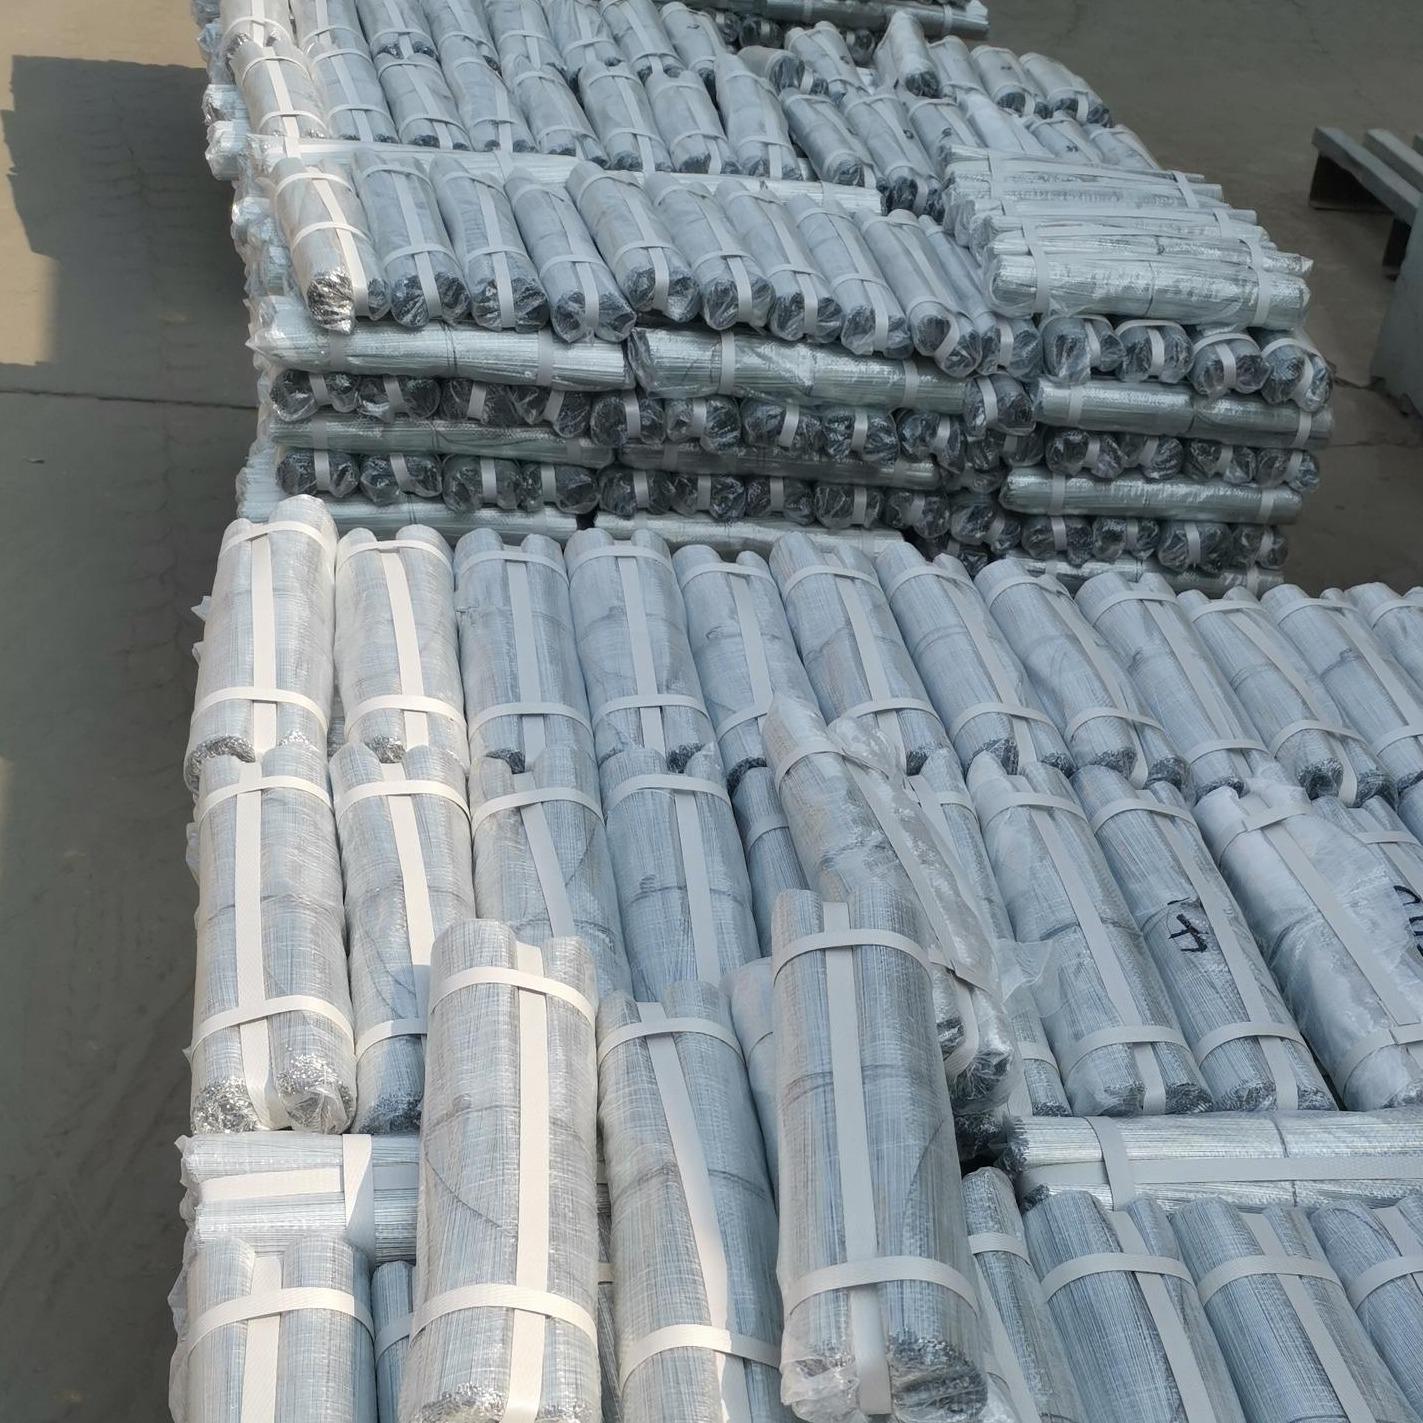 钢纤维混凝土价格一方钱 钢纤维高强度混泥土防盗井盖 钢纤维混凝土组成 钢纤维井盖定额 钢纤维属于材质